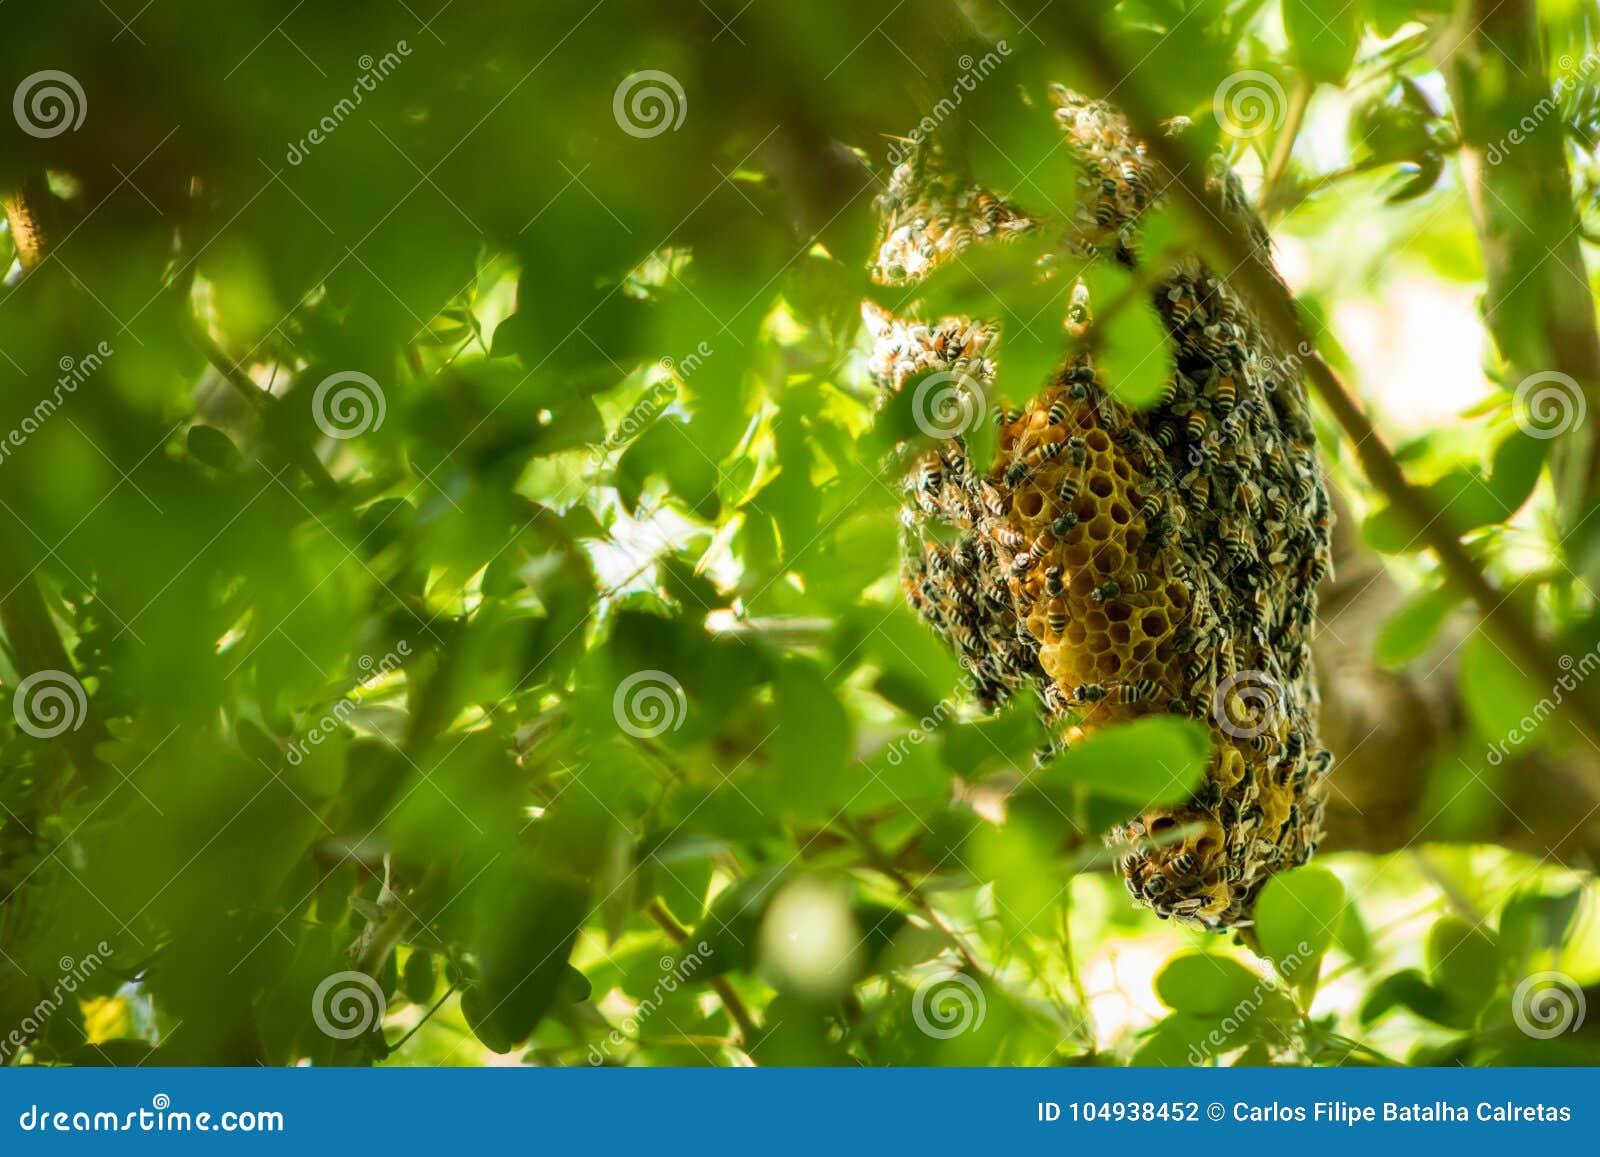 Een zwerm van bijen